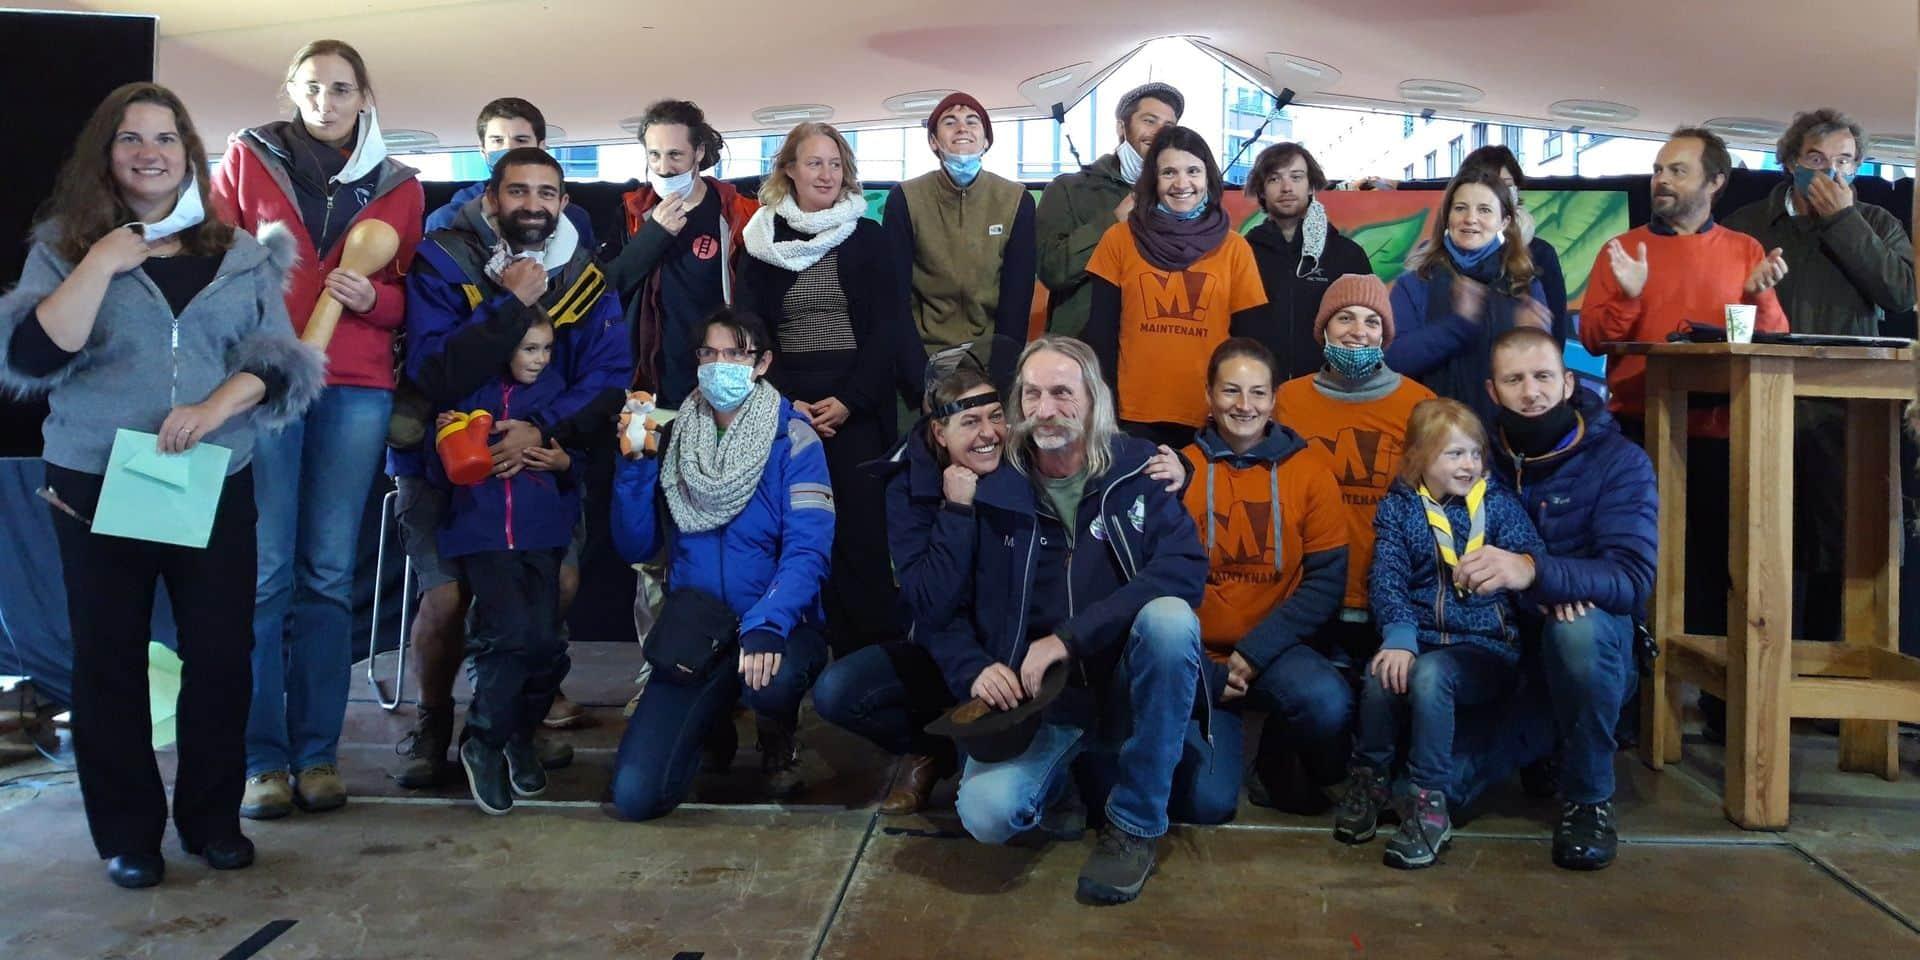 Lancement d'une campagne à Ottignies-Louvain-la-Neuve pour soutenir 11 projets citoyens et durables